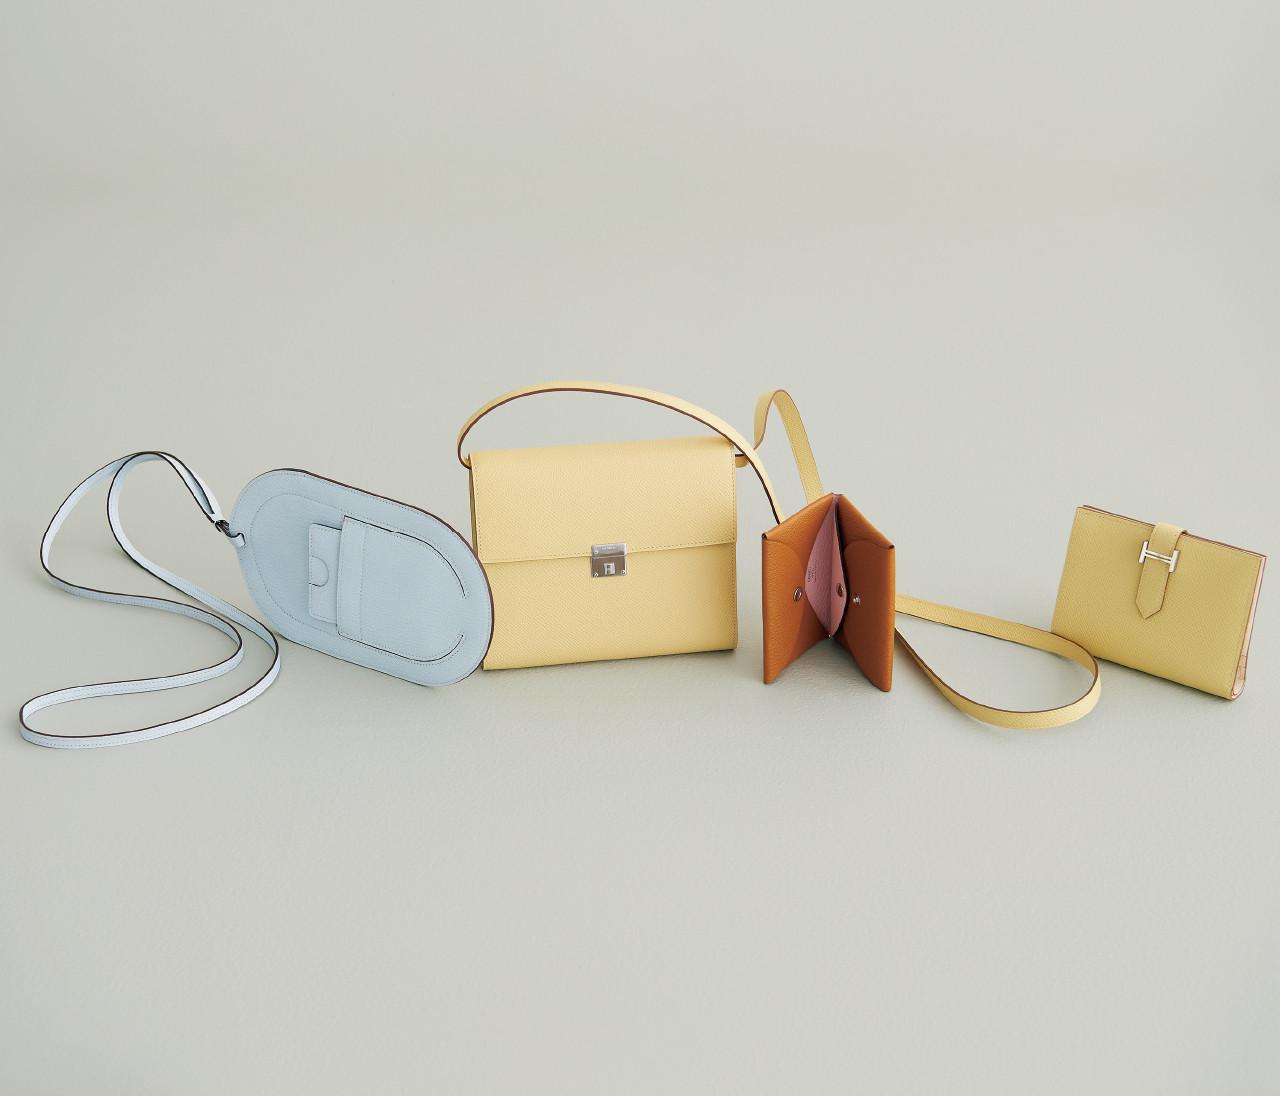 【エルメス】新作の財布やカードケース4選。今買うならこれ!